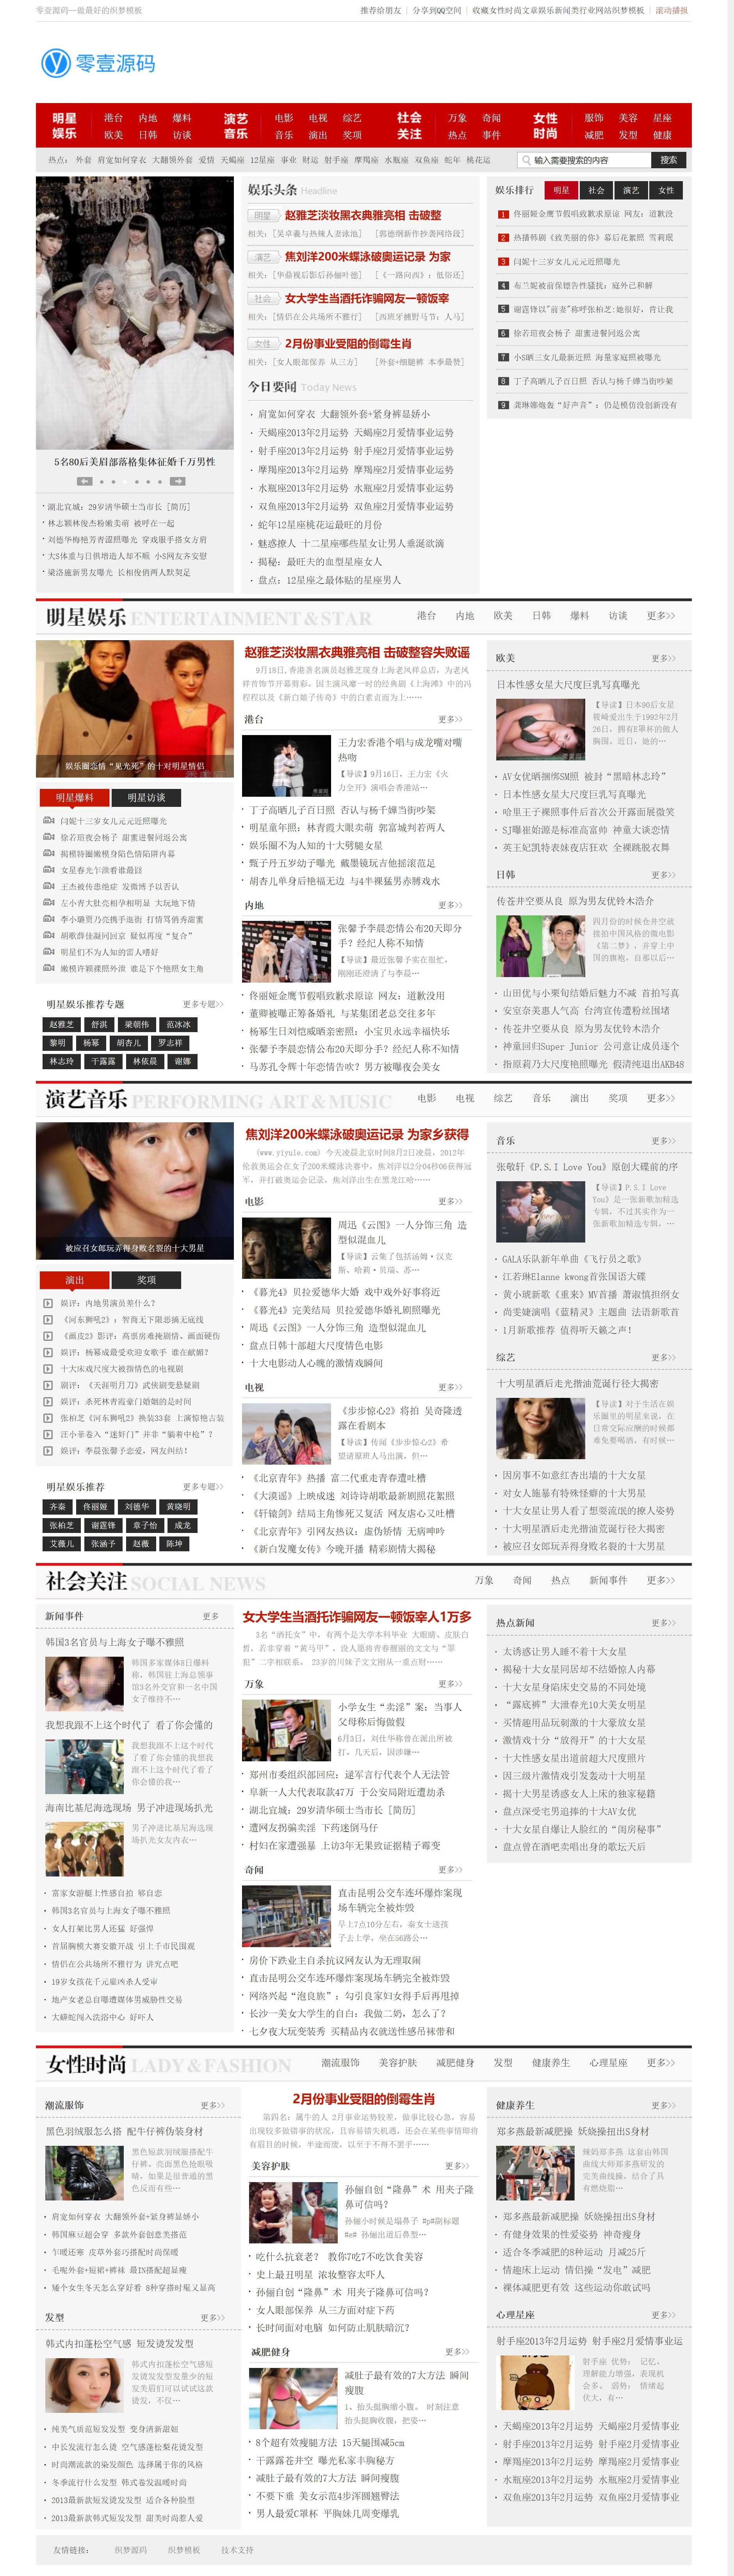 女性时尚文章娱乐新闻类行业网站织梦dedecms模板